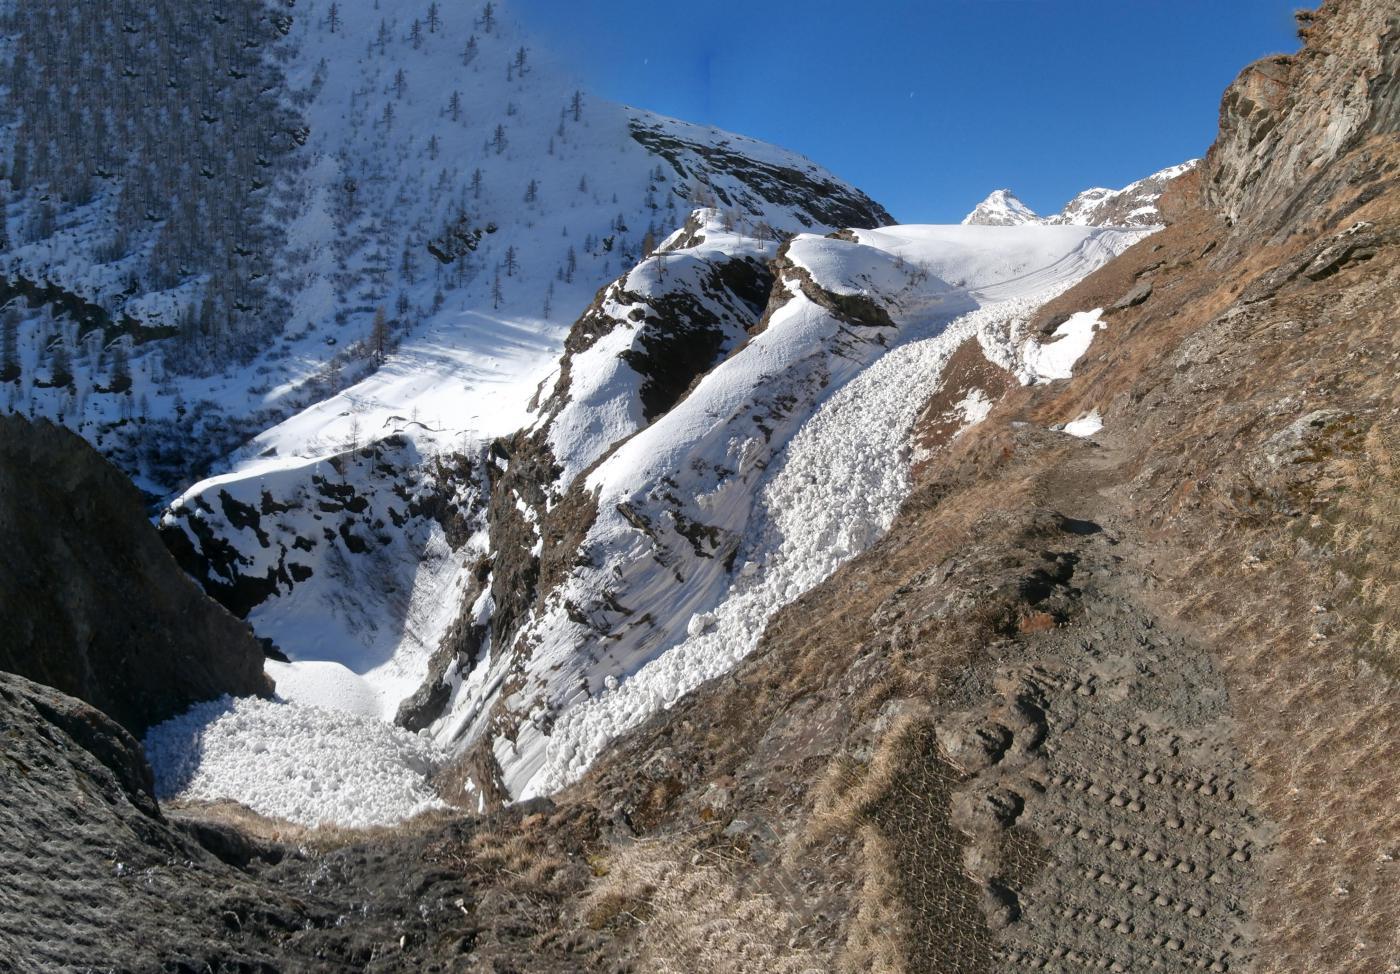 il sentiero estivo esente da neve ed interrotto da residui di valanghe....